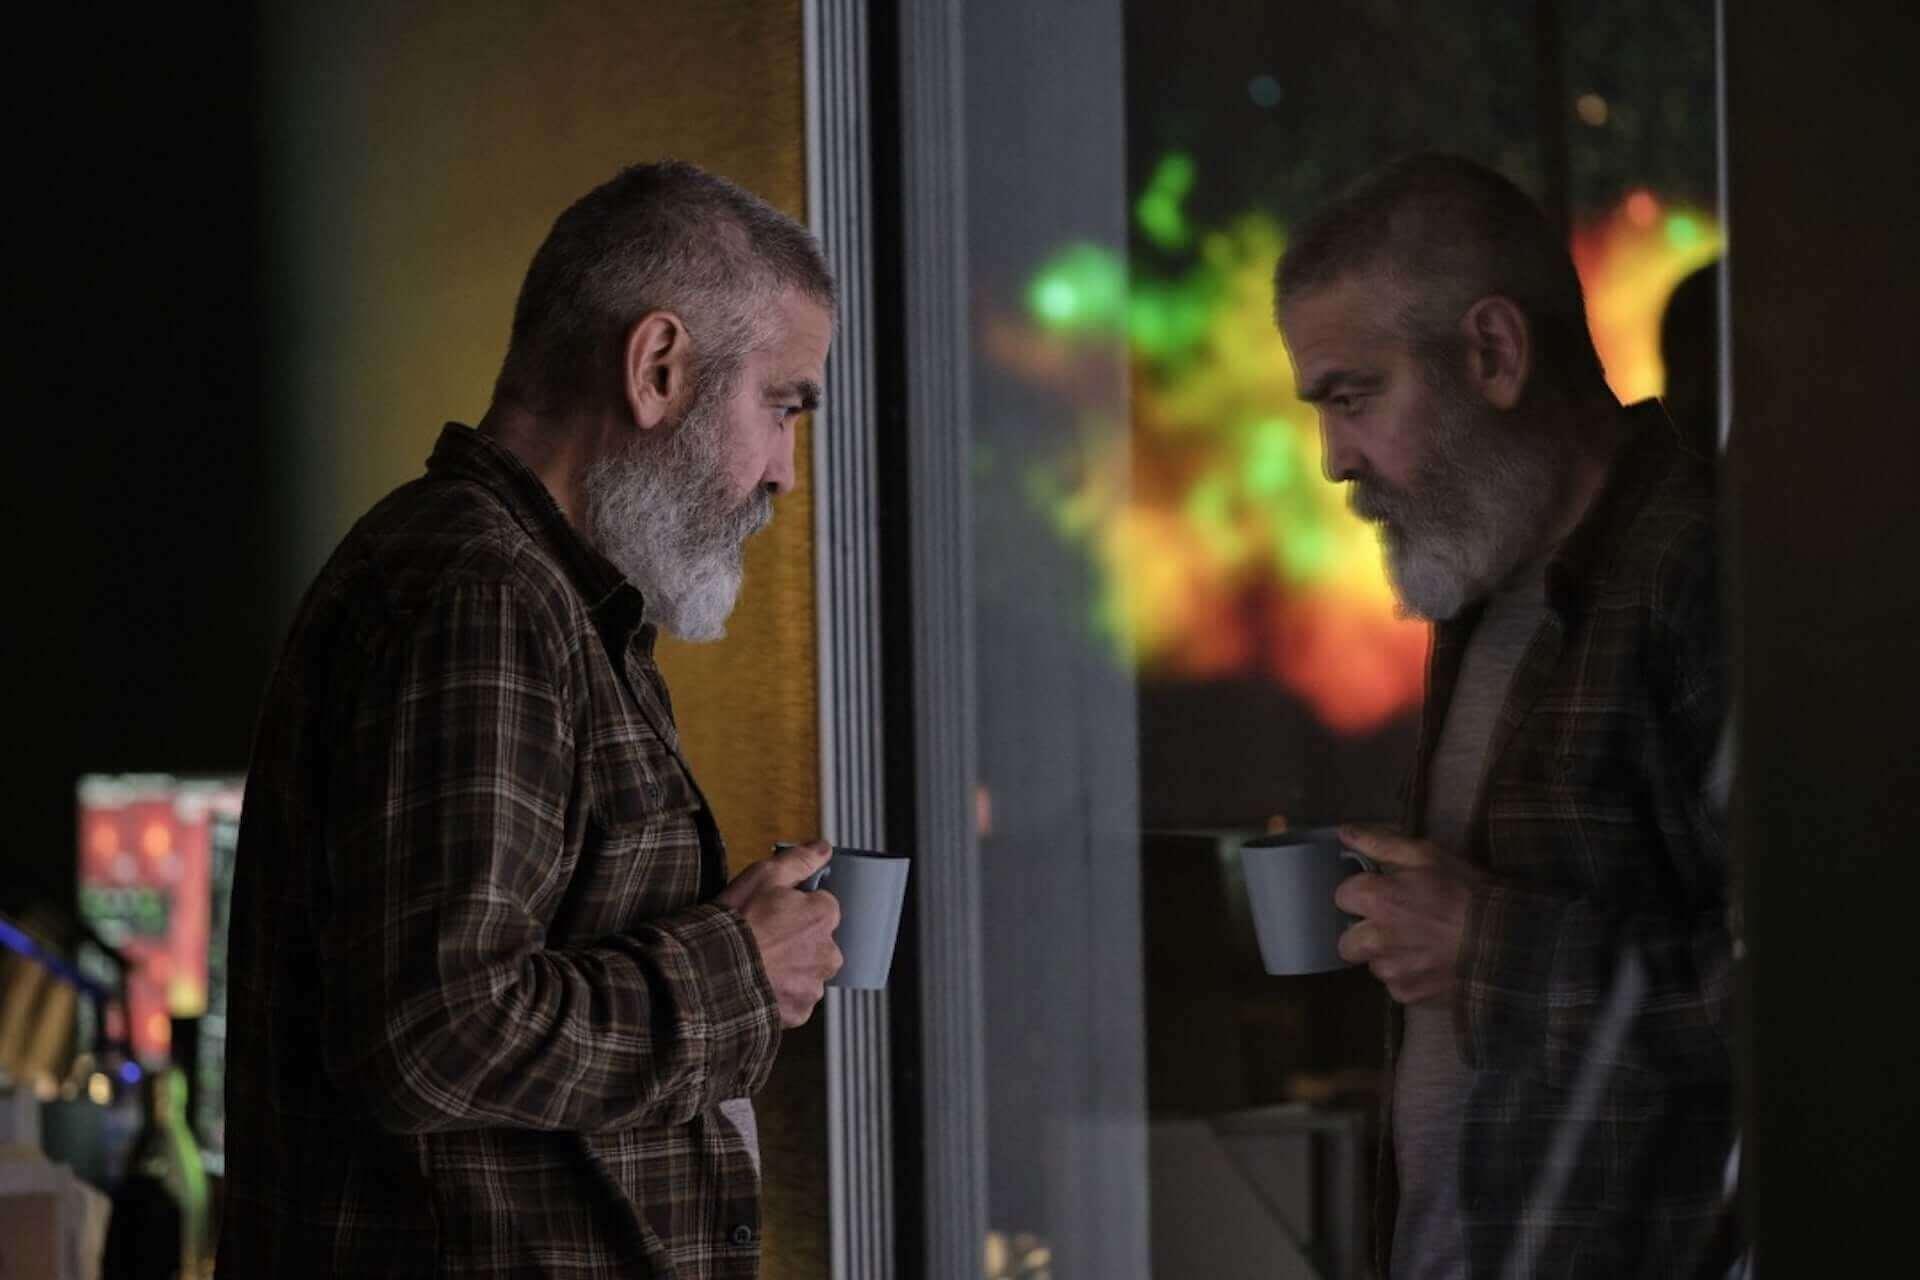 ジョージ・クルーニーが「危険な撮影だった」と語る氷上でのスタントとは…Netflix映画『ミッドナイト・スカイ』本編映像が解禁 film201221_midnightsky_6-1920x1280